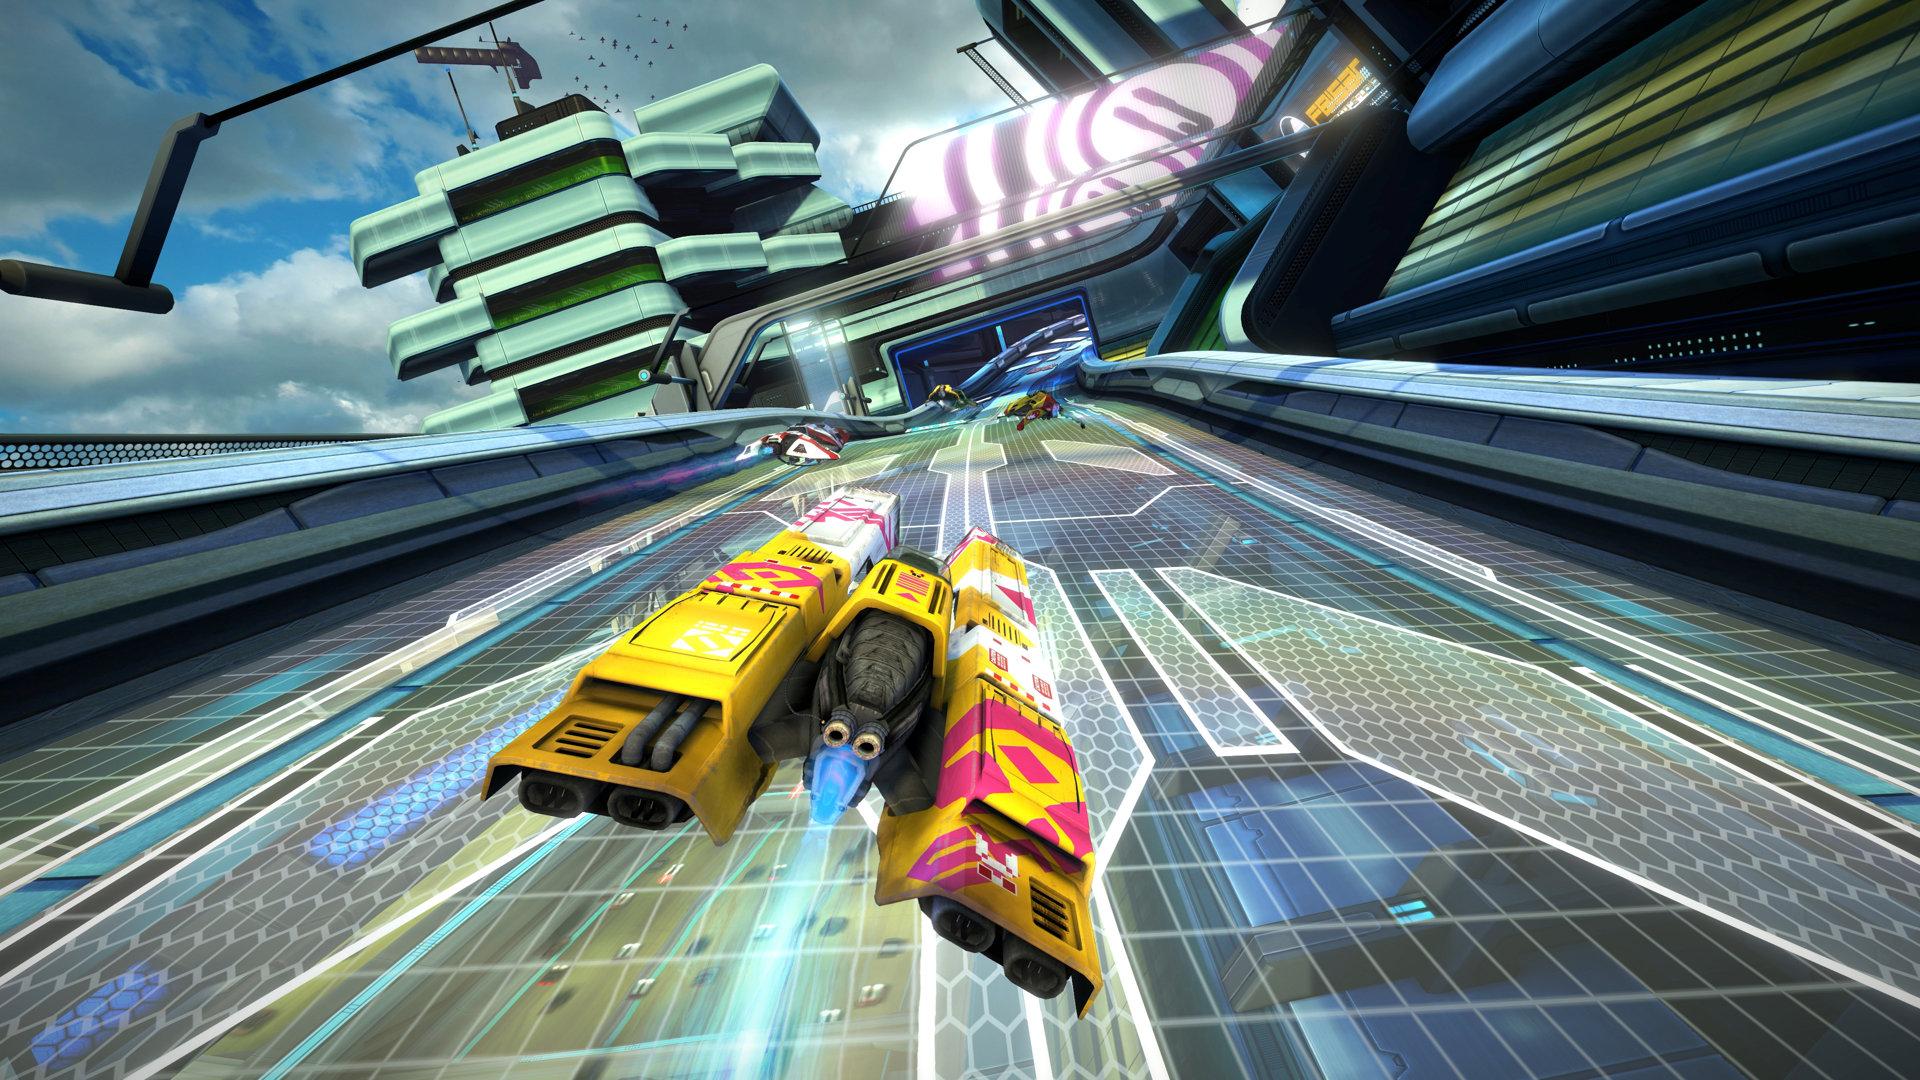 Die besten VR Spiele: WipeOut Omega